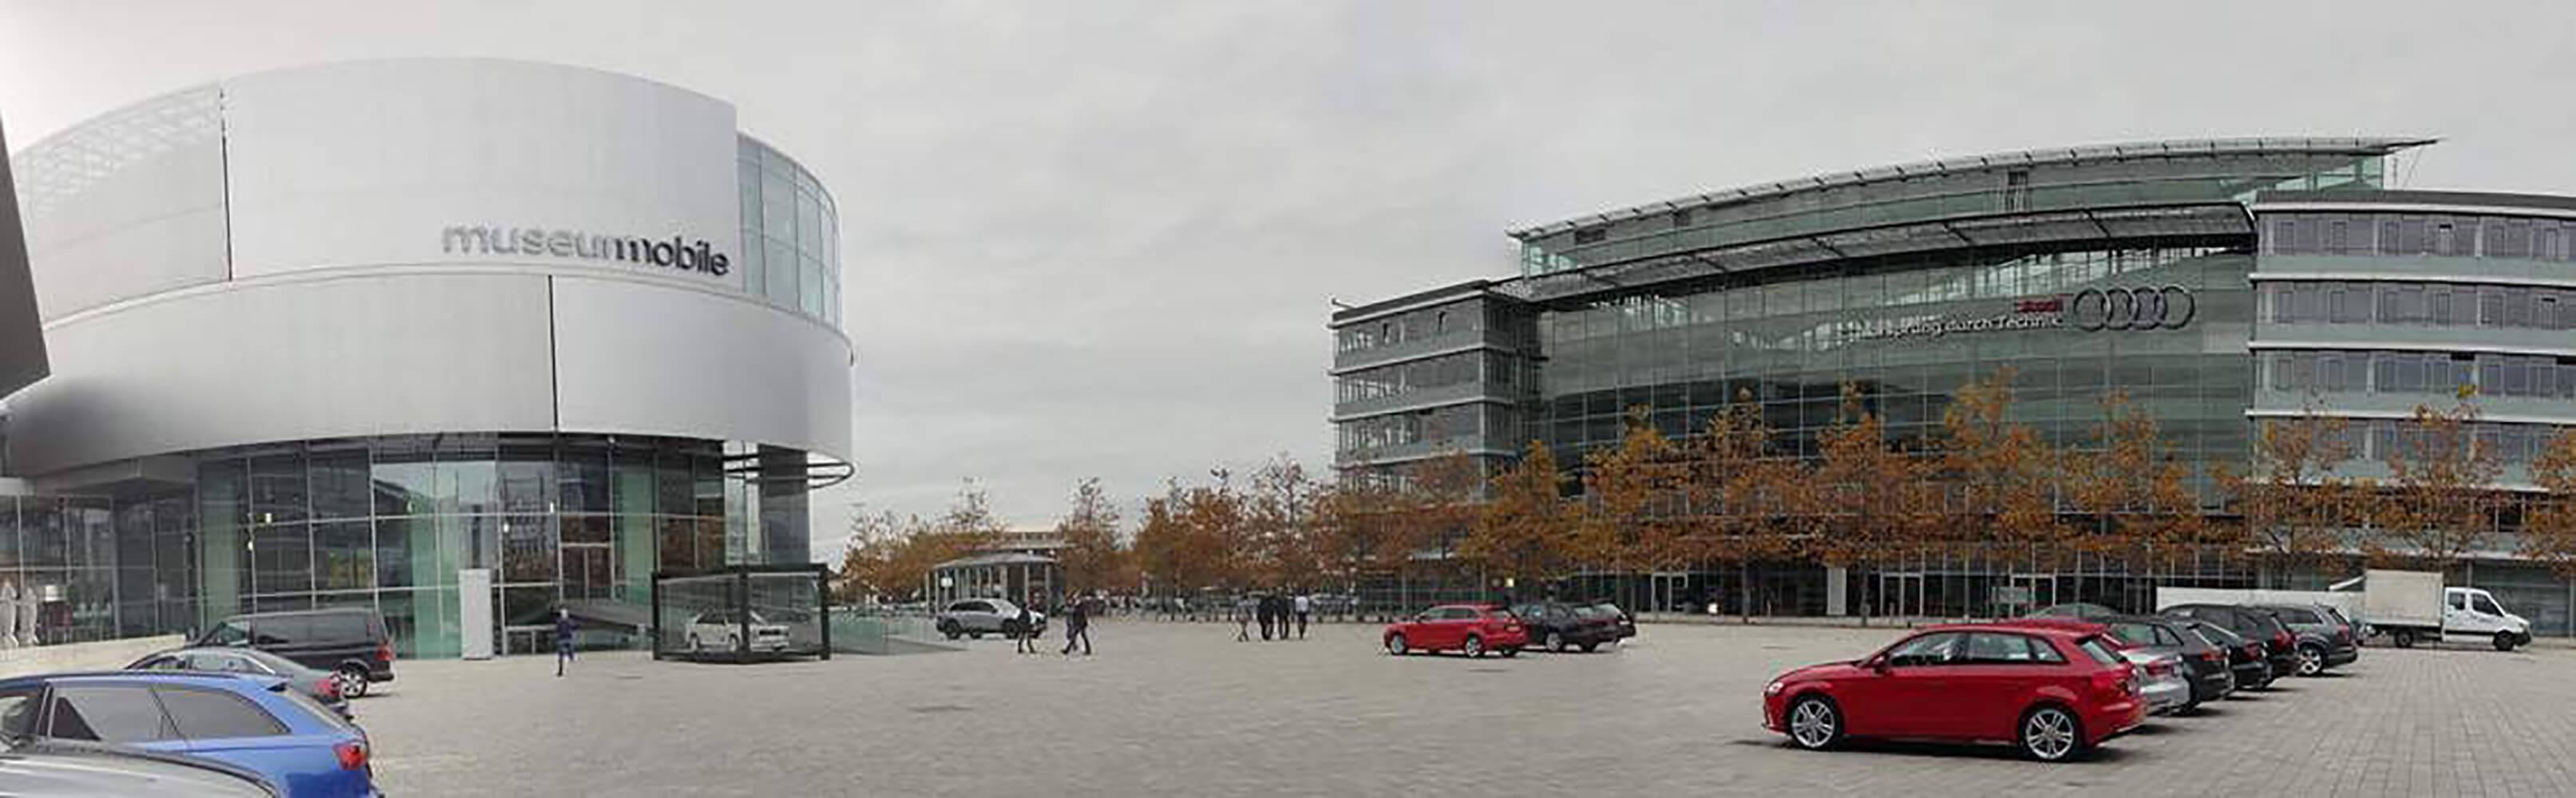 Audi Forum mit dem Audi museum mobile in Ingolstadt 1